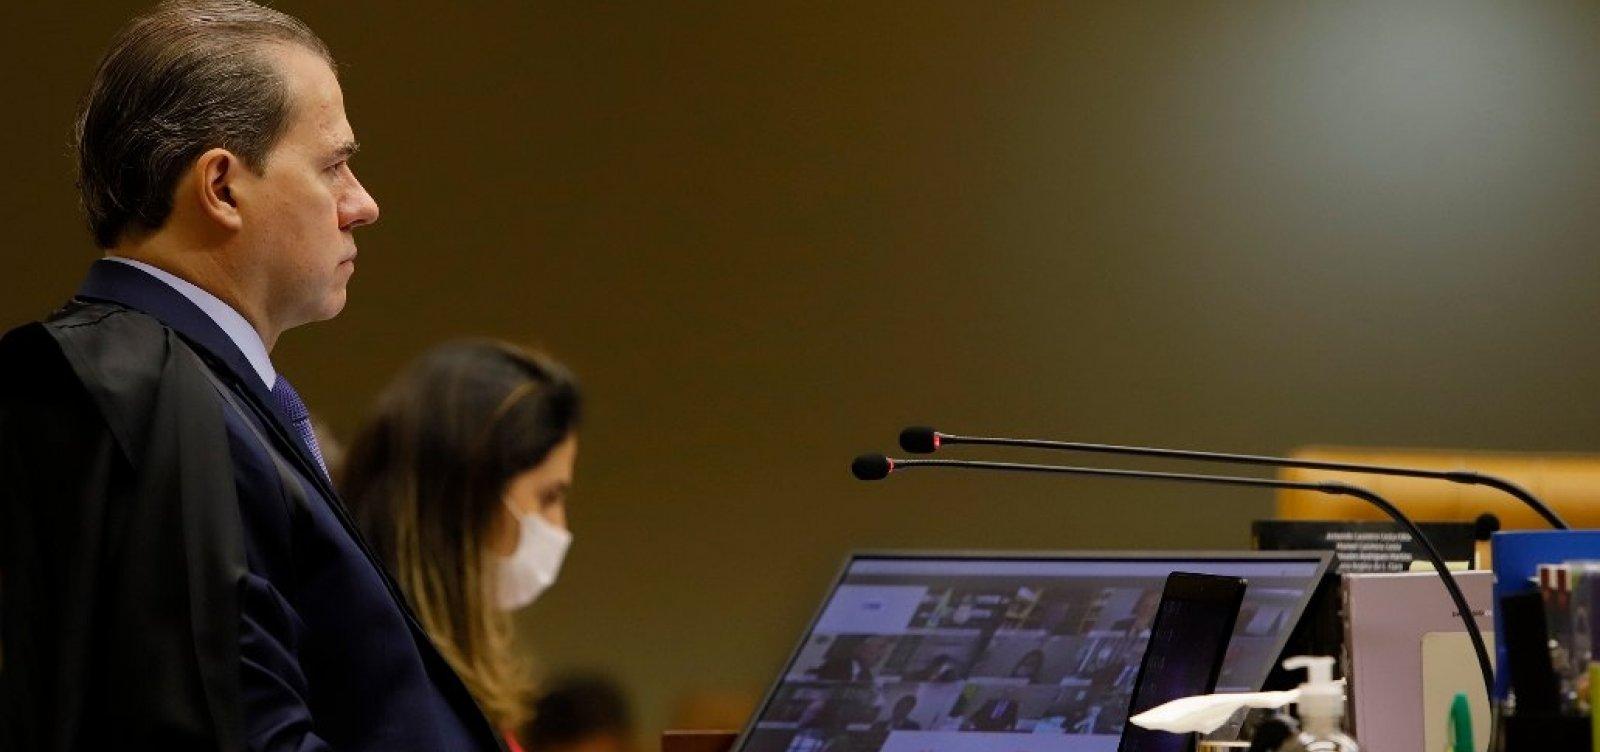 [Maioria do STF é a favor de suspender operações policiais em comunidades do Rio na pandemia]